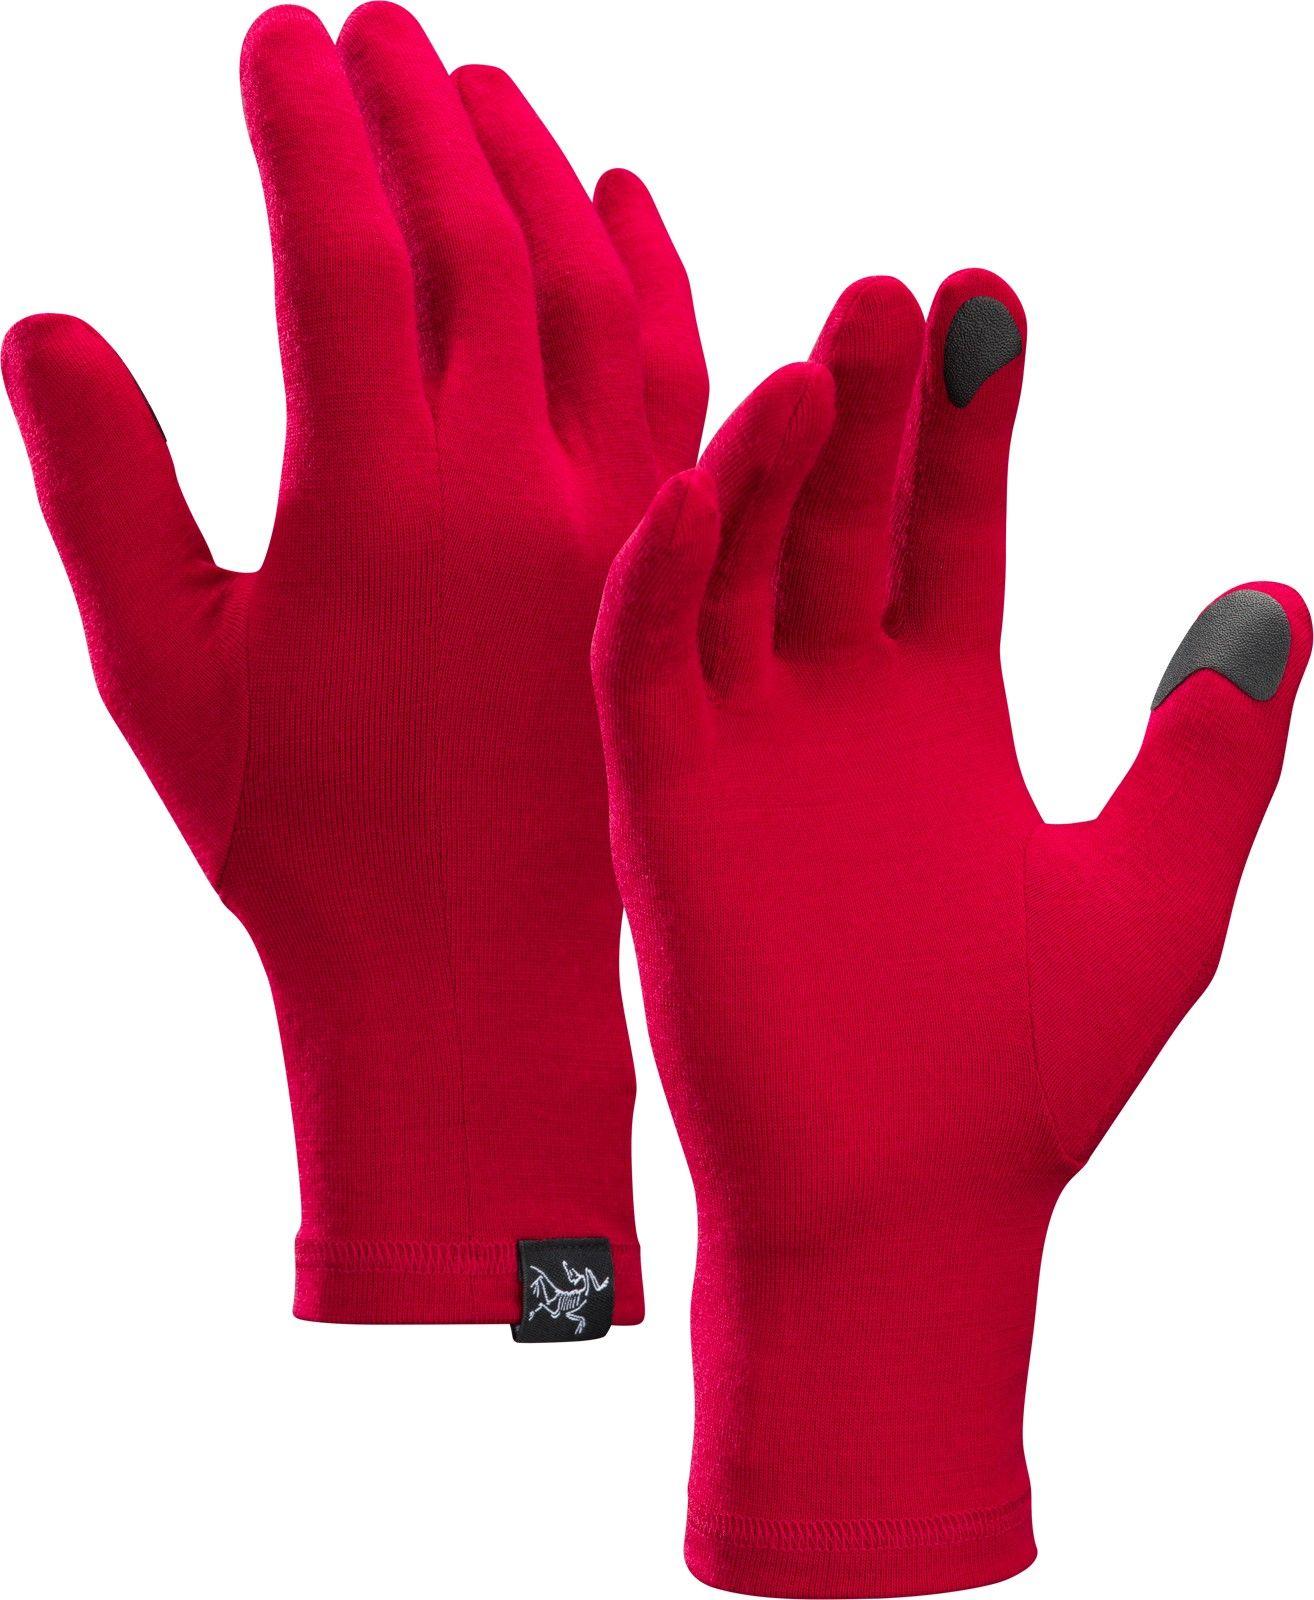 Arcteryx Gothic Glove | Größe L,XL |  Fingerhandschuh